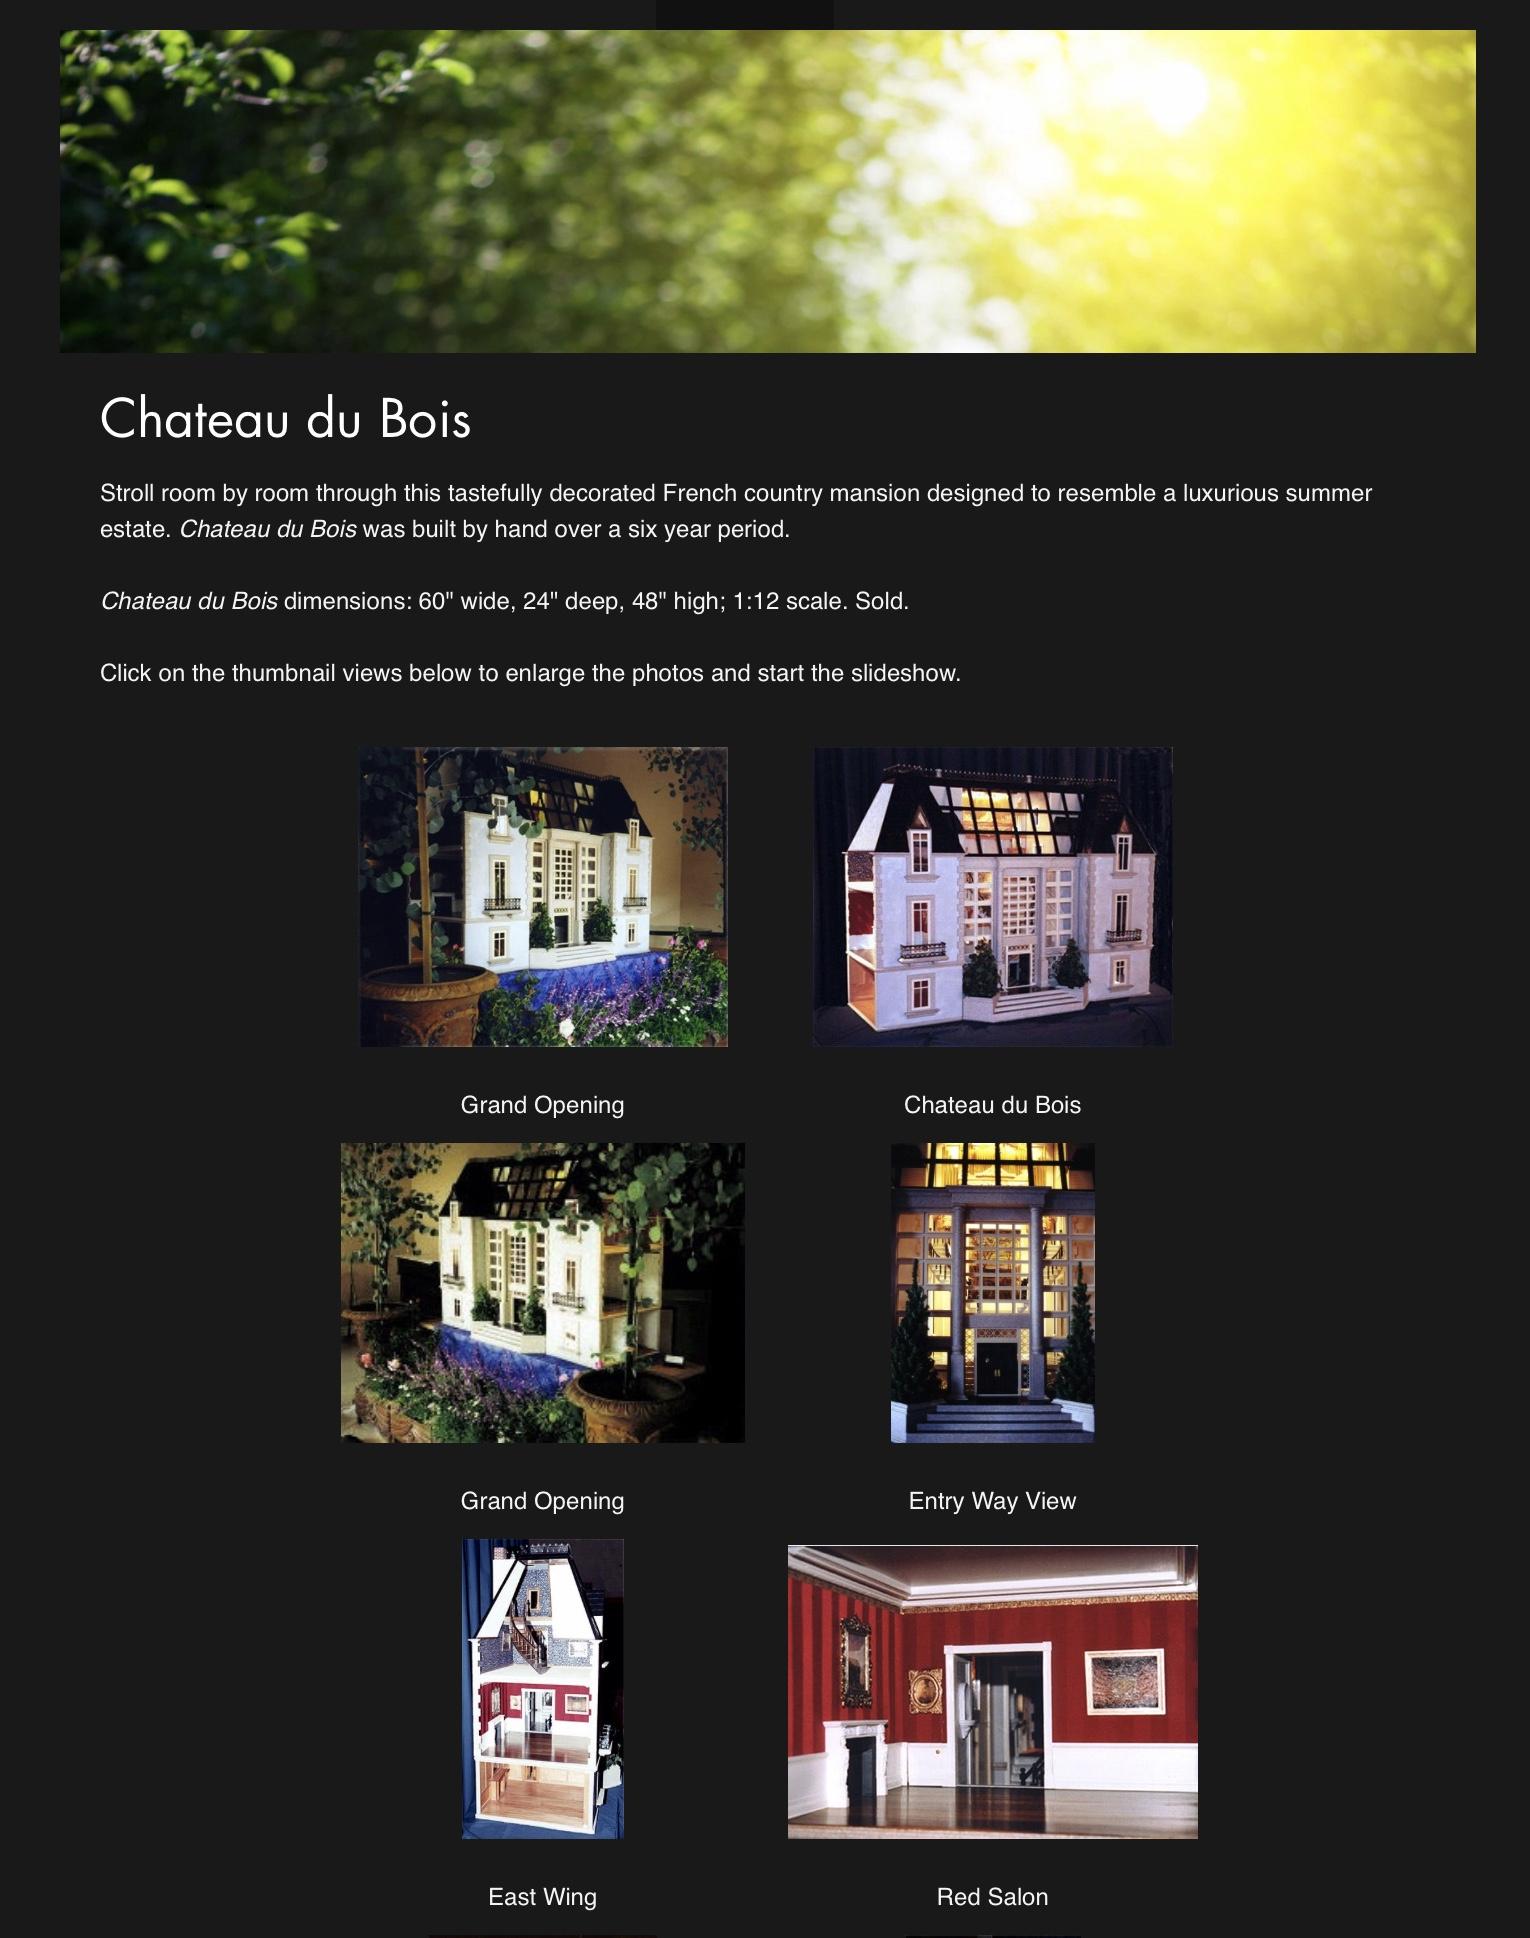 Chateau du Bois